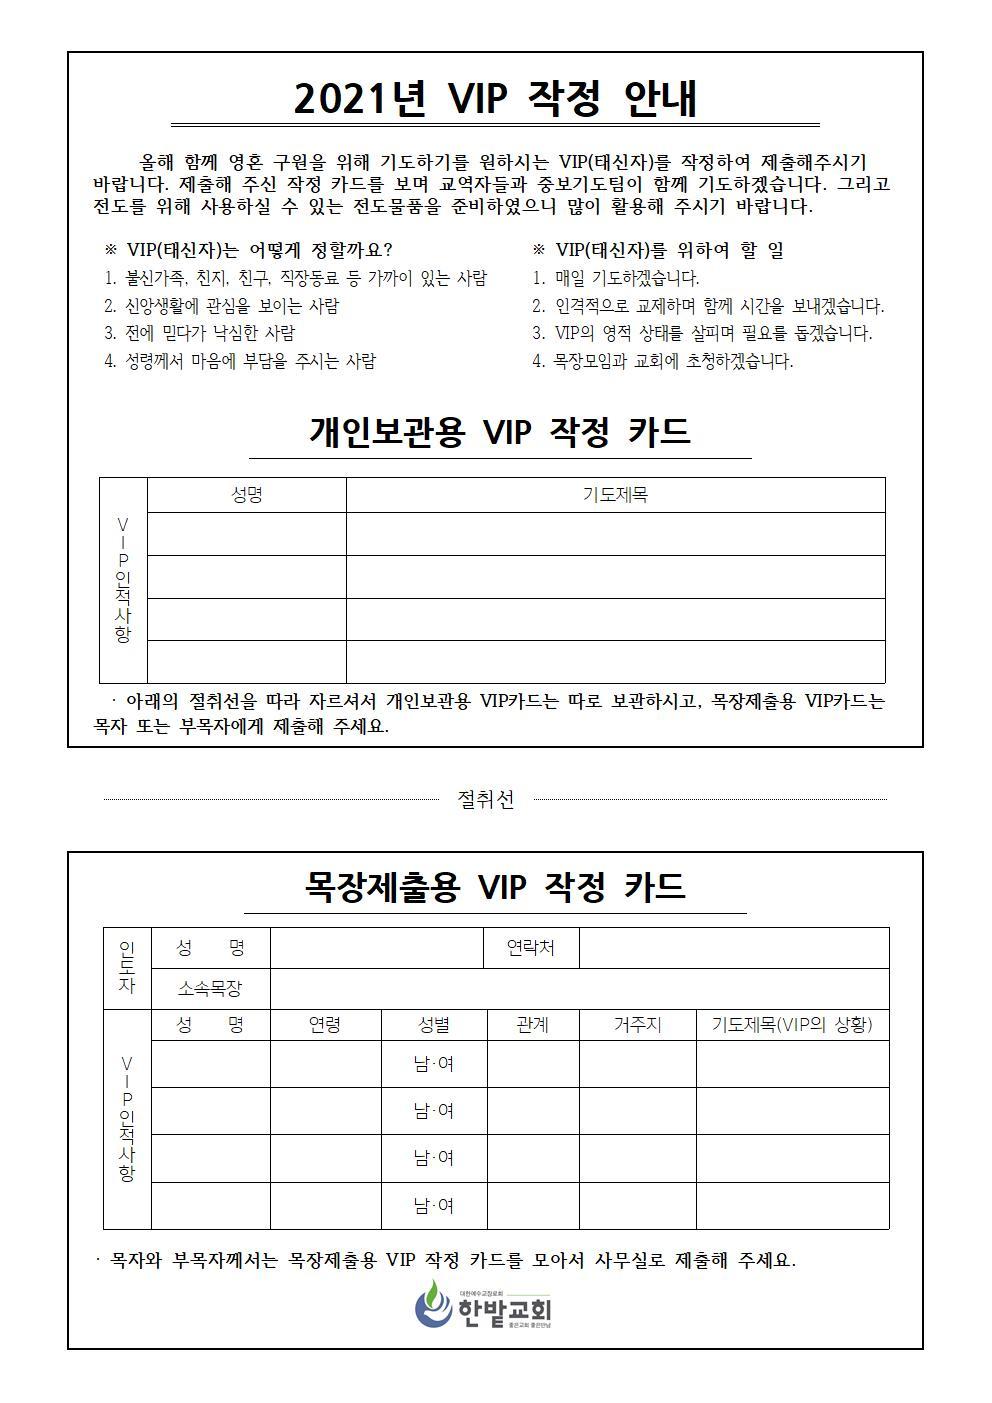 2021 VIP 작정카드001.jpg